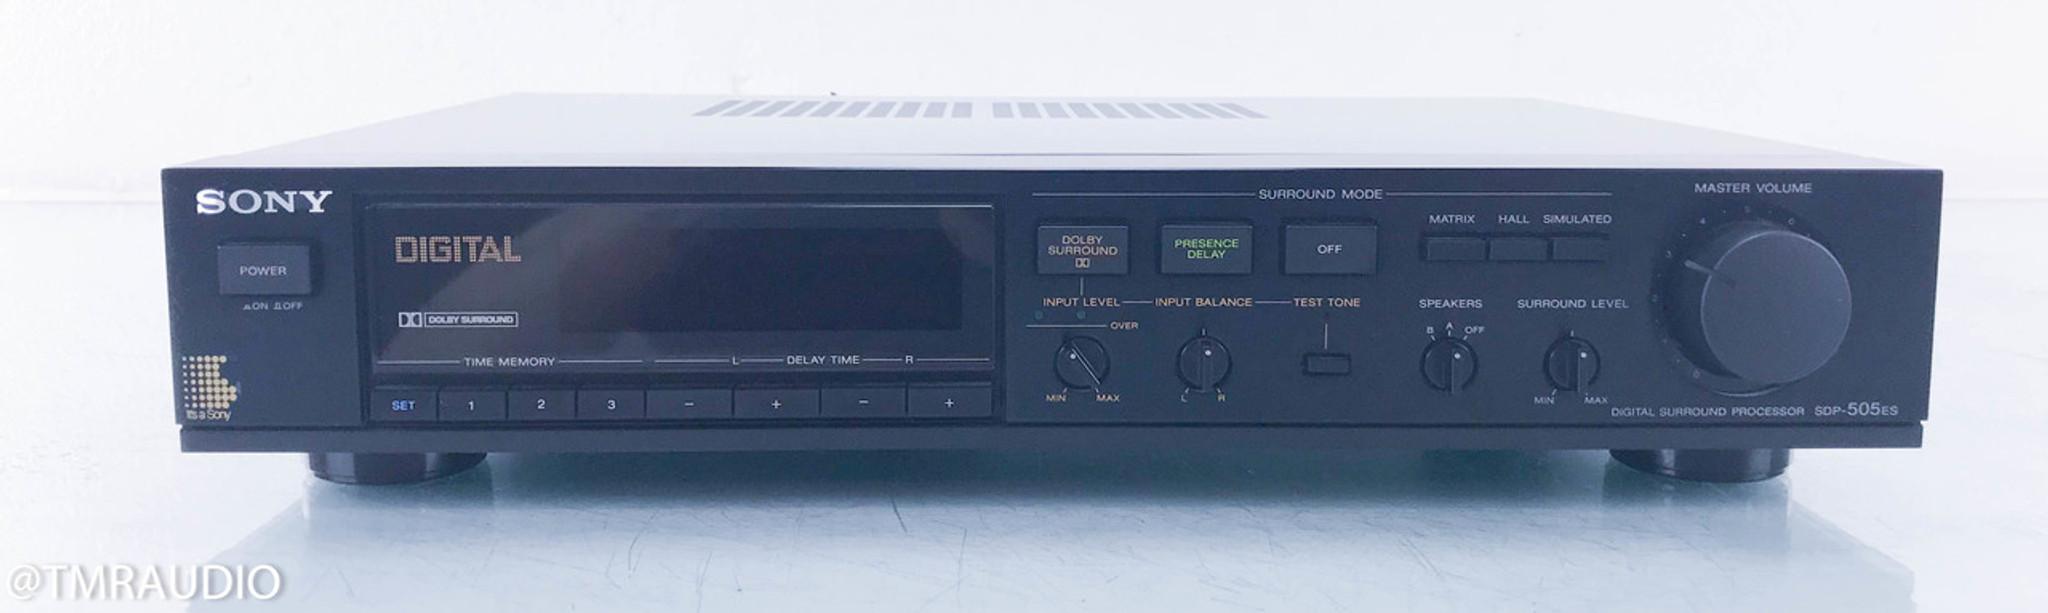 Sony SDP-505ES Digital Surround Processor / Amplifier